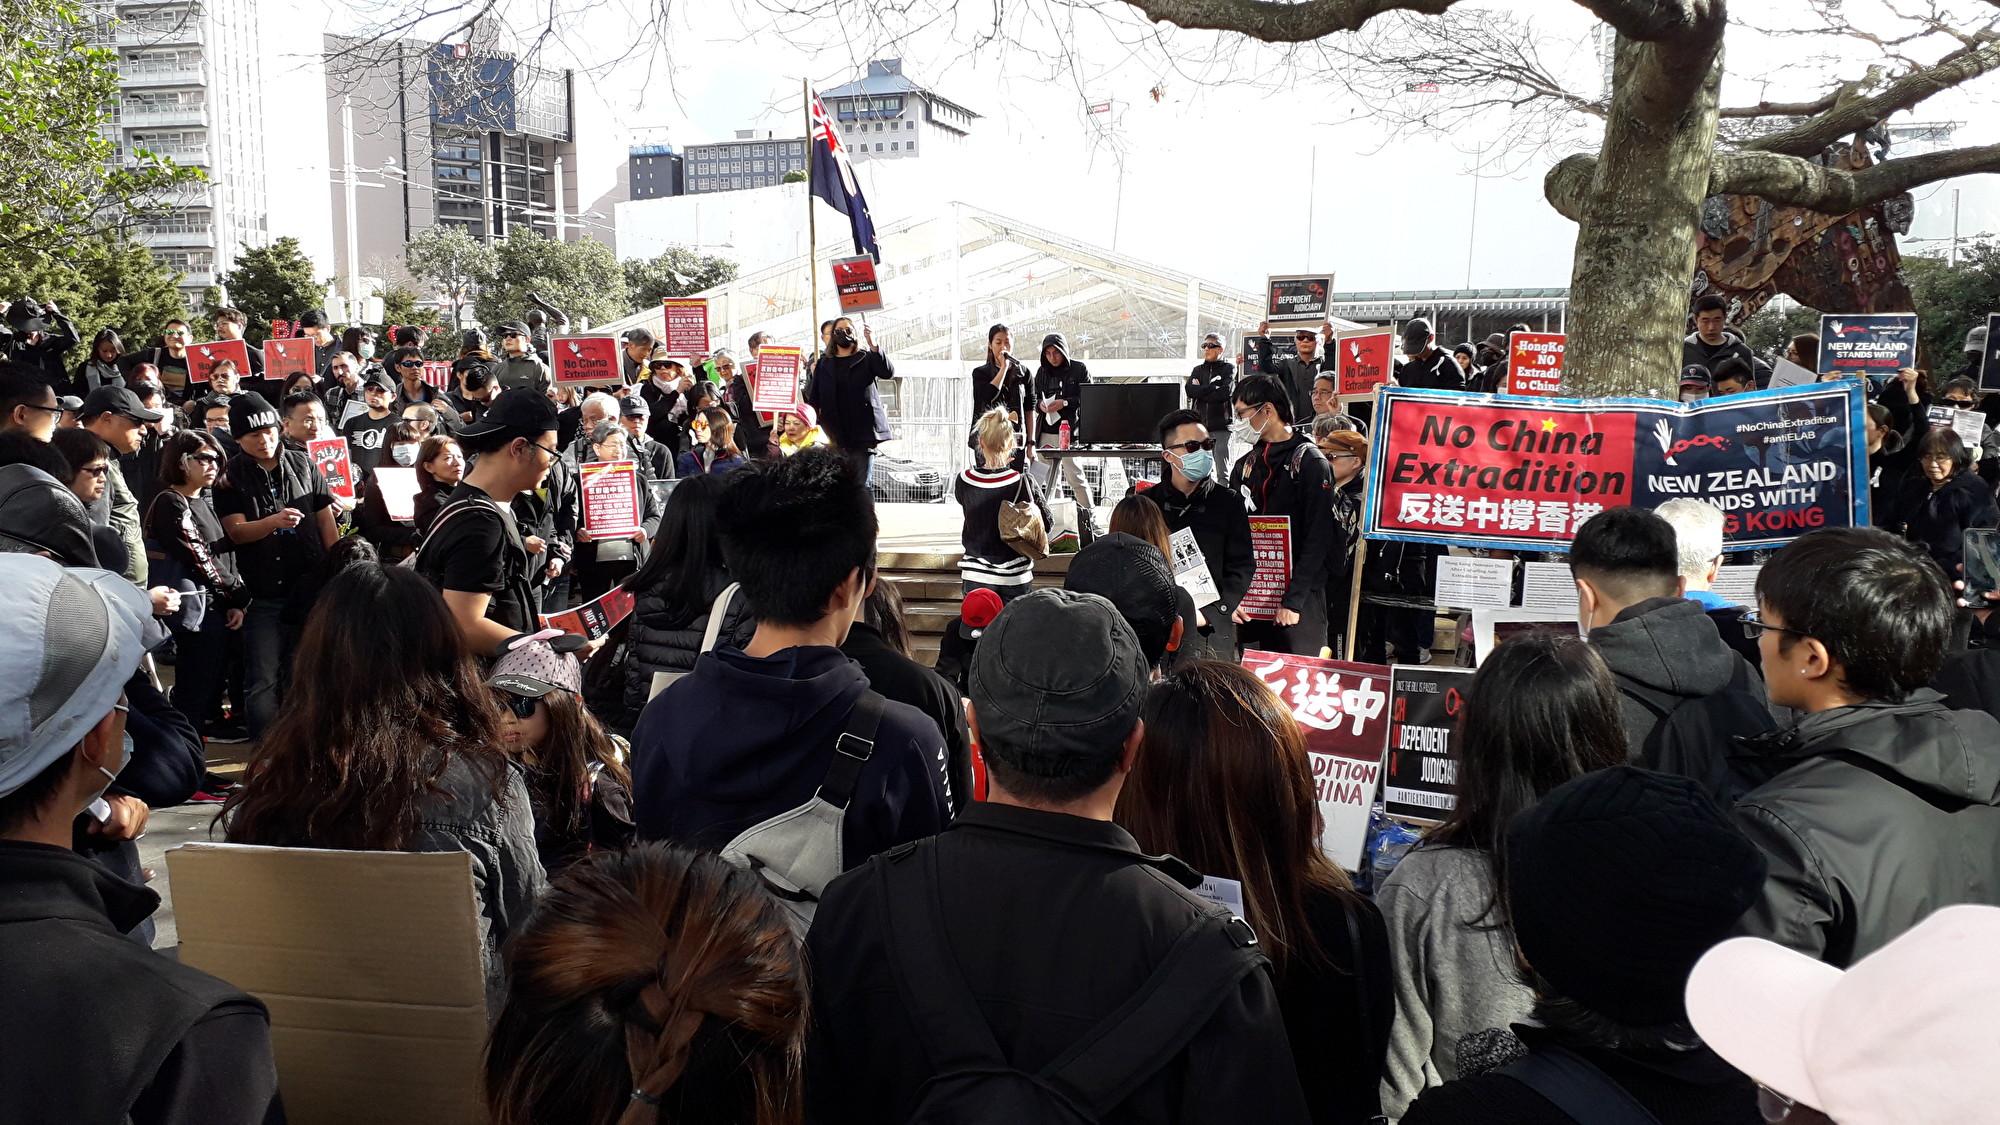 紐香港人聲援反送中 數百人穿黑衣集會